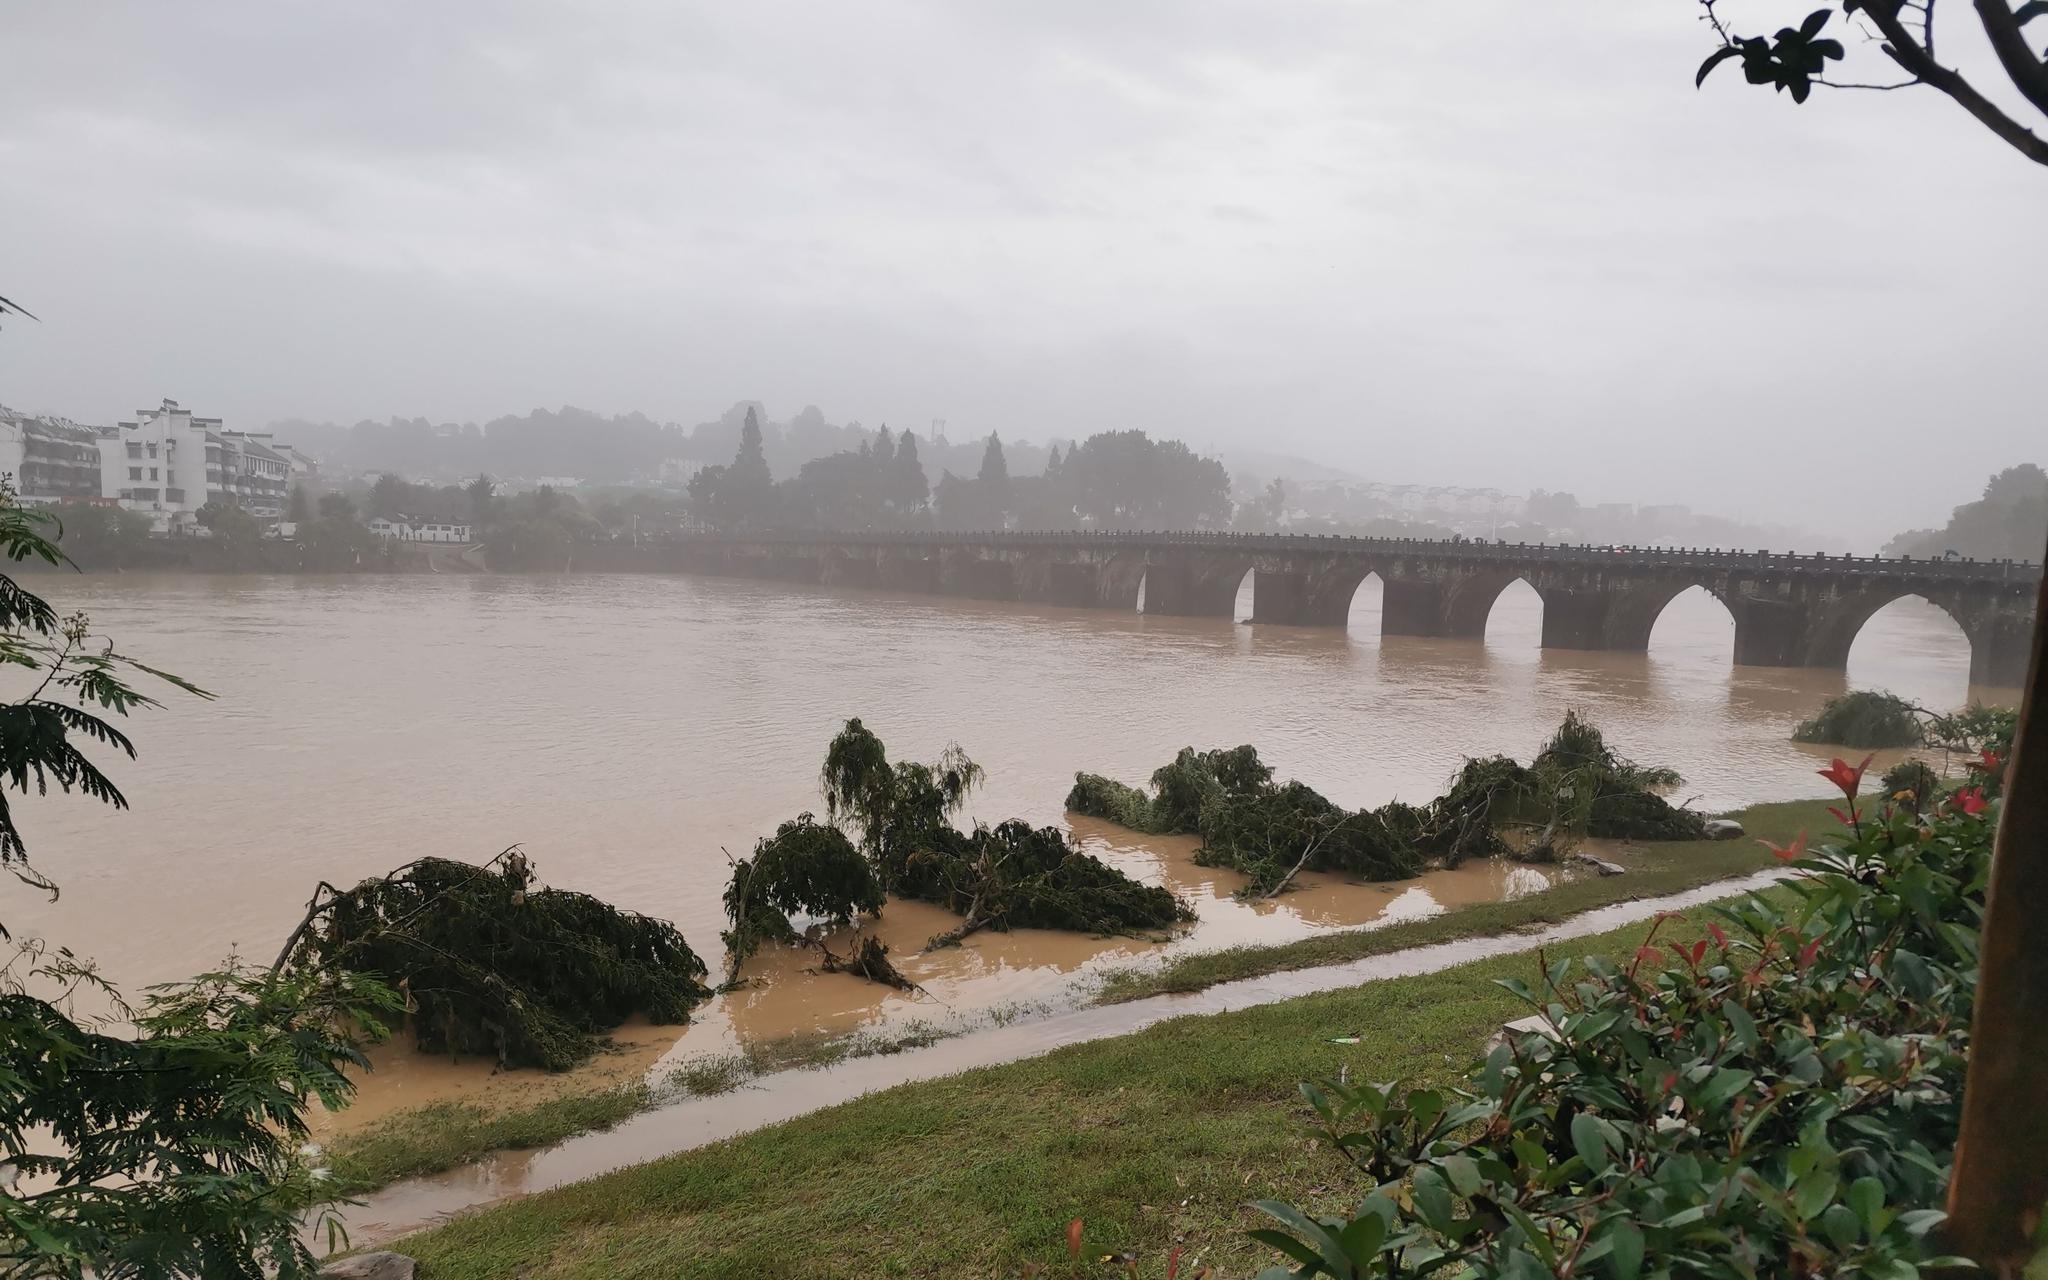 7月8日,洪水消退后的练江河道边,展现了多多倒塌的树木。受访者供图